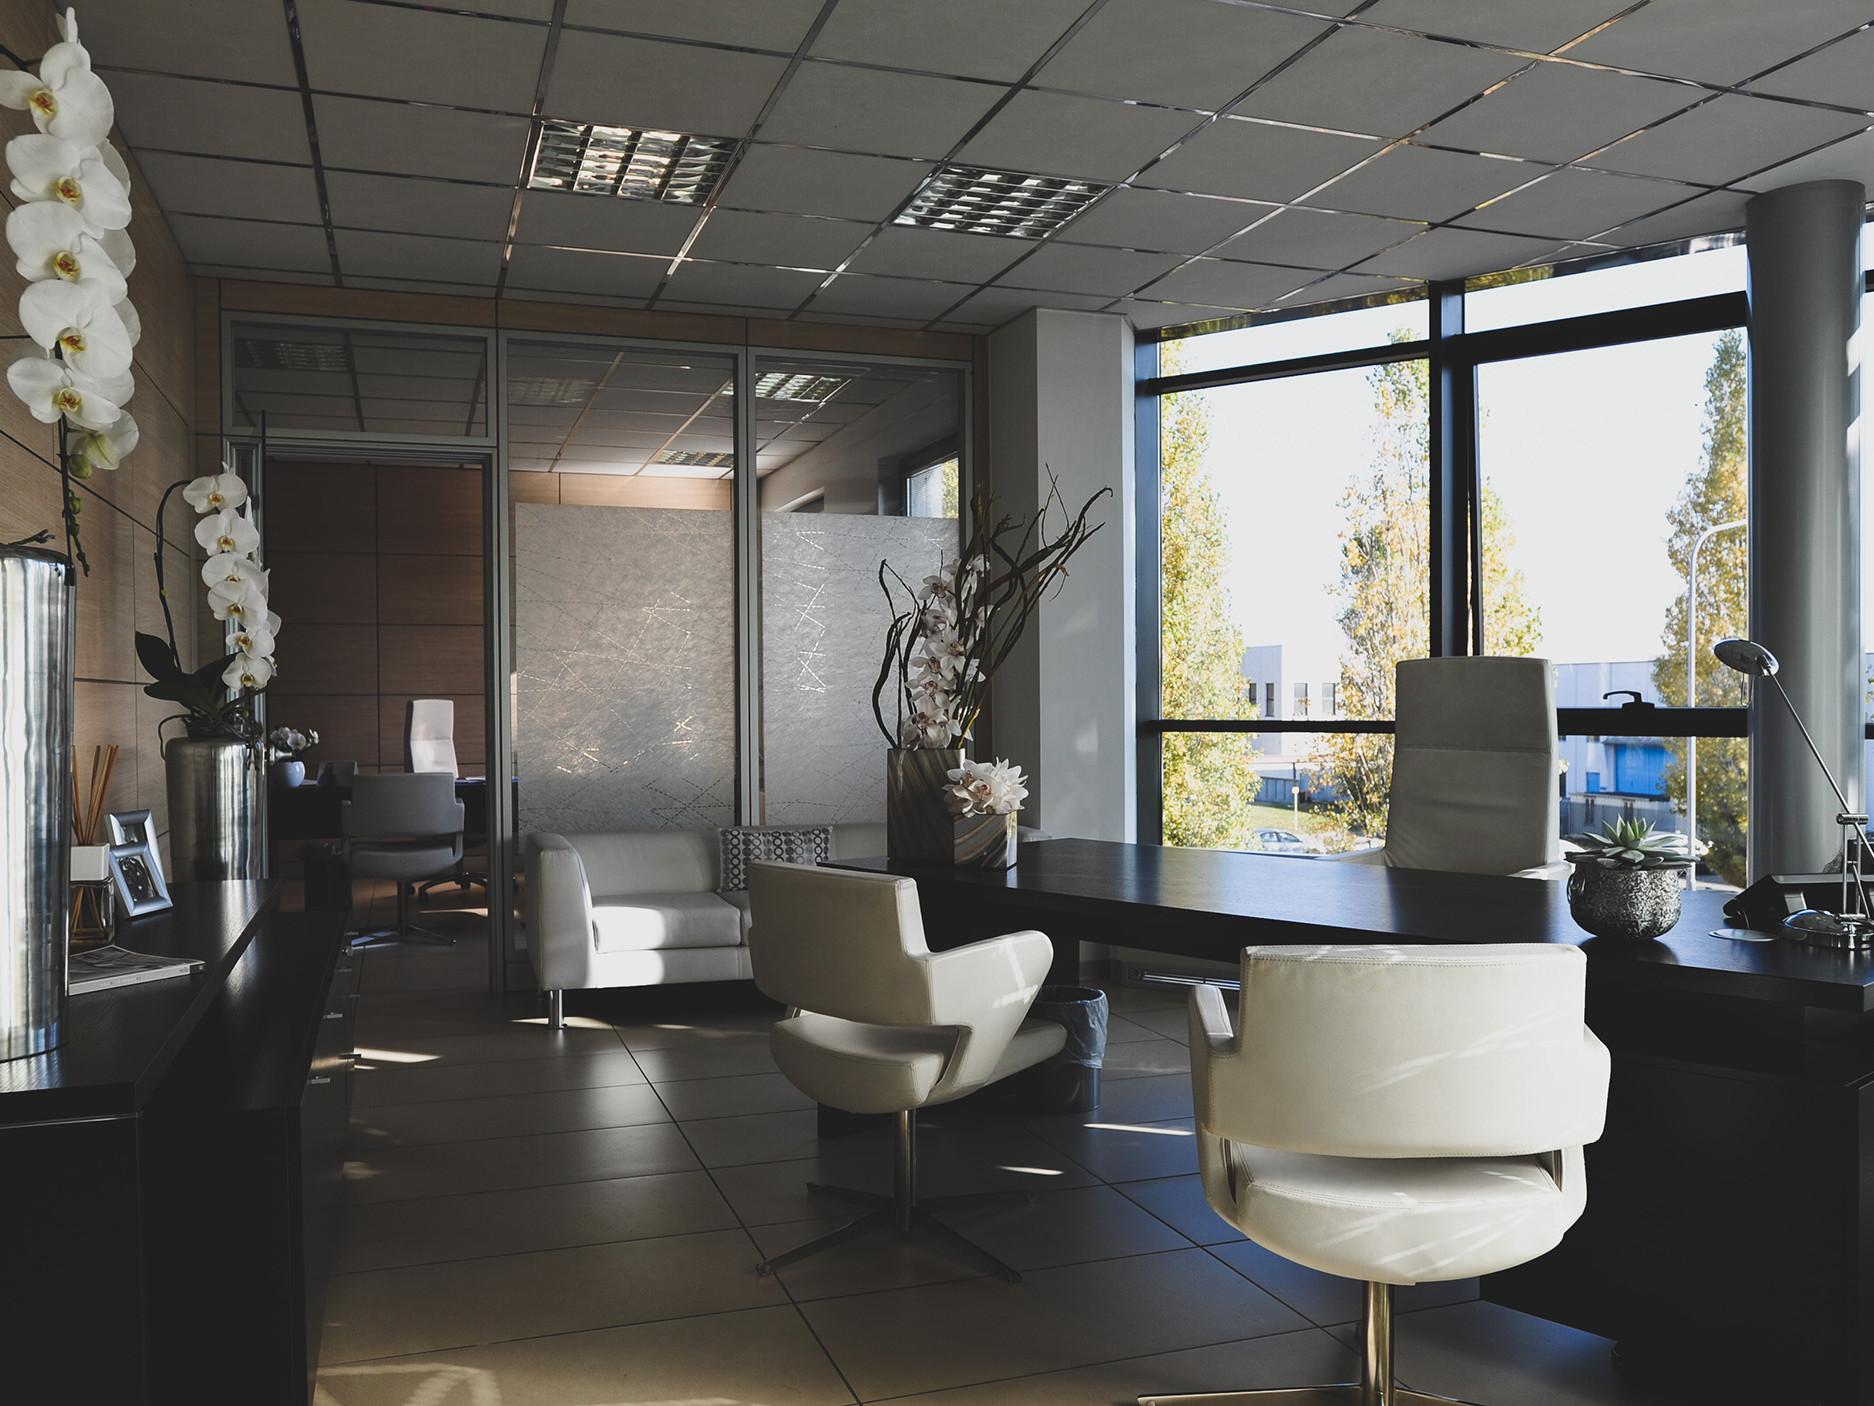 13 - ASG SPA OFFICE - UFFICIO ASG SPA